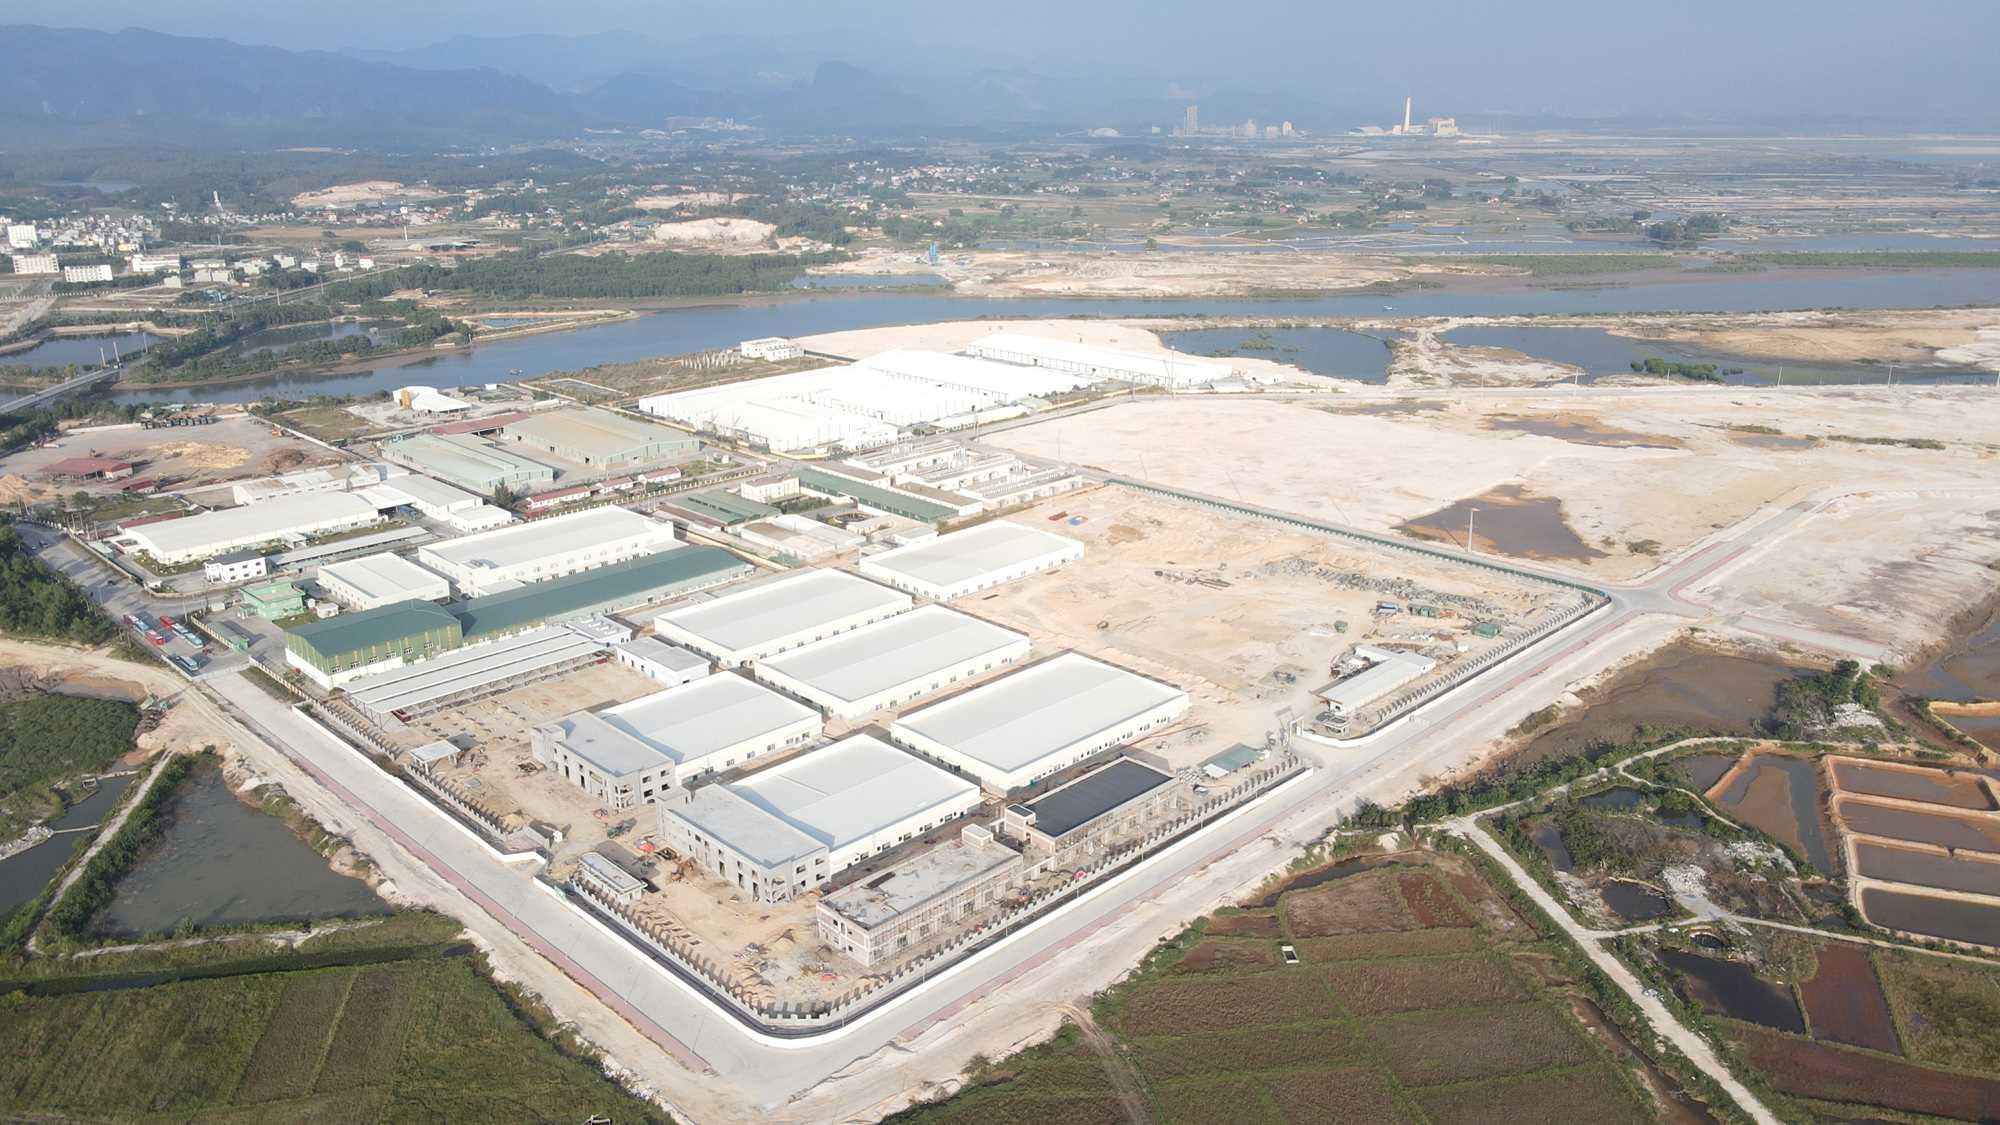 Hơn 20.000 tỷ đồng chảy vào các KCN Quảng Ninh trong năm 2020 - Ảnh 1.